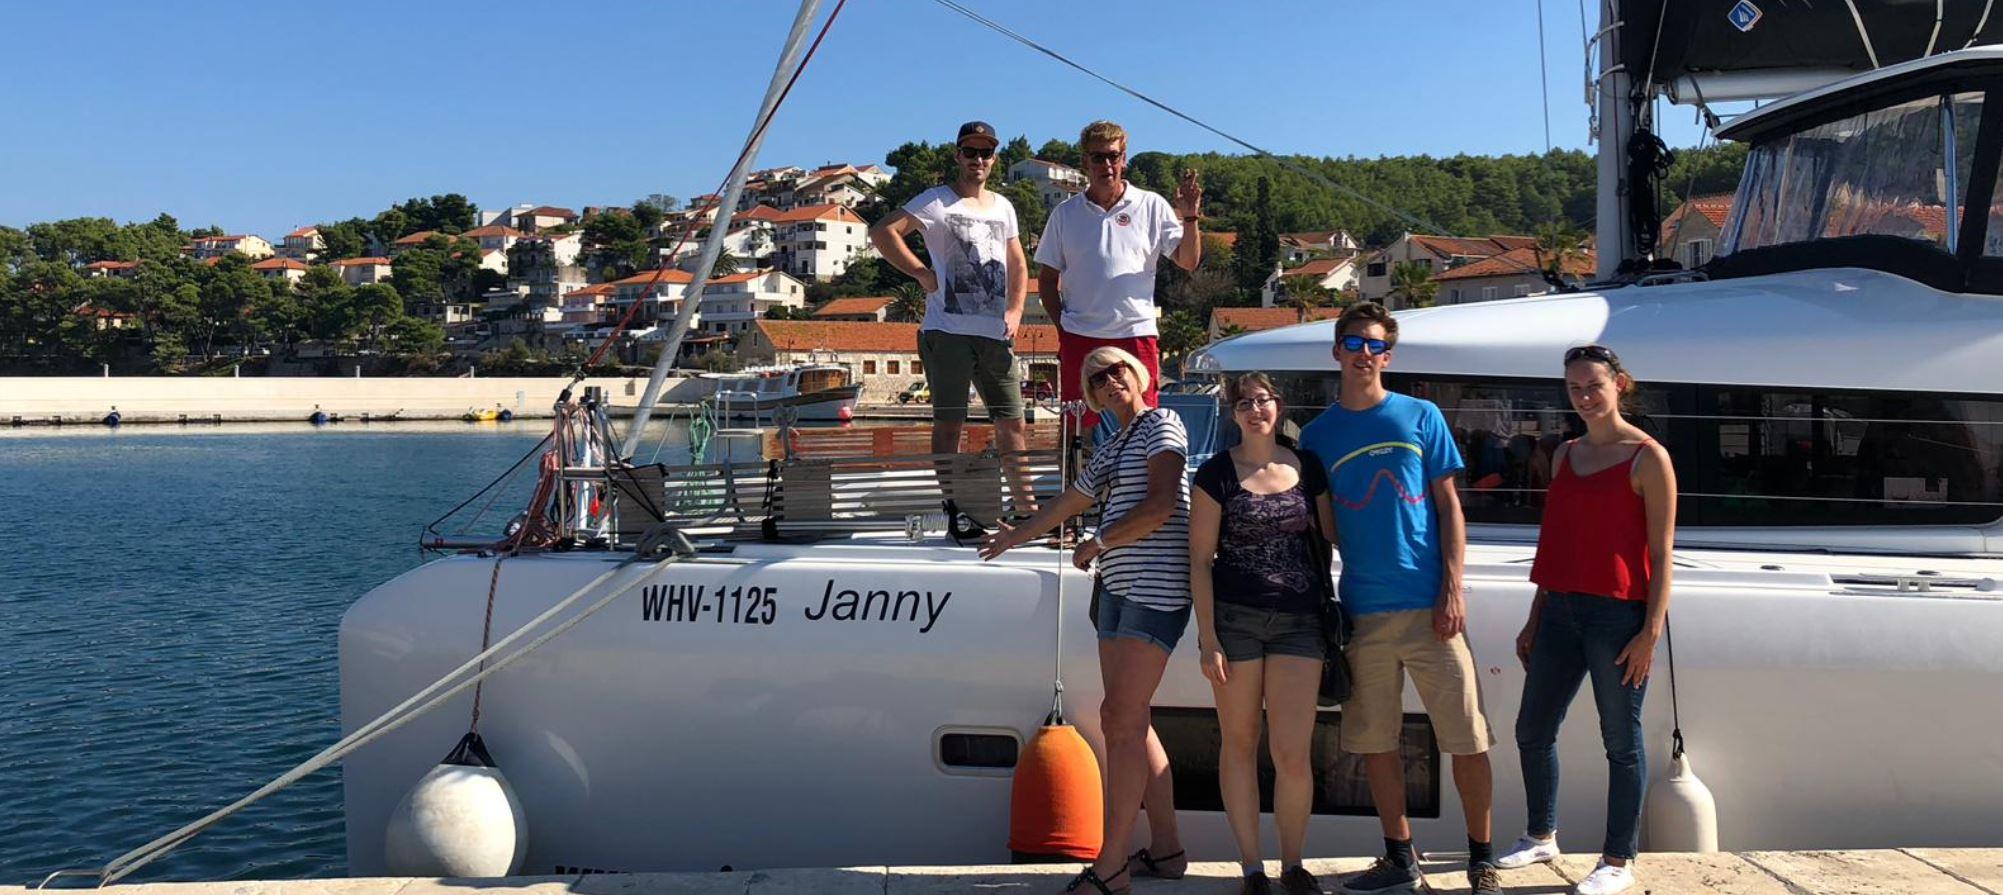 Segelfamilie possiert für der Katamaran Lagoon 42 Janny